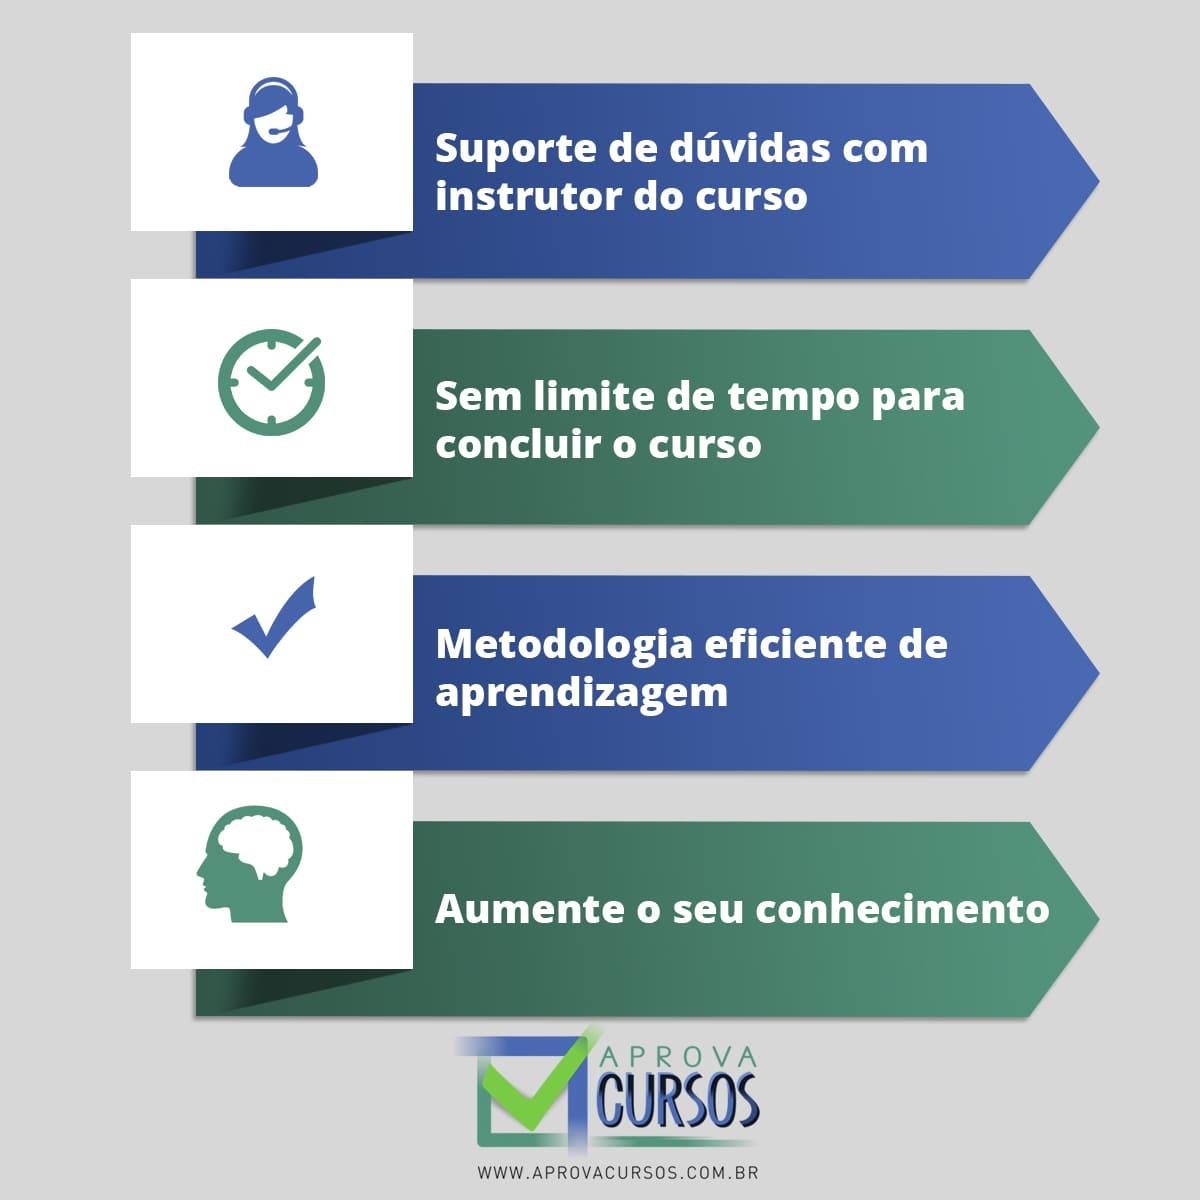 Curso Online de Pedreiro e Obras de Construção Civil com Certificado  - Aprova Cursos